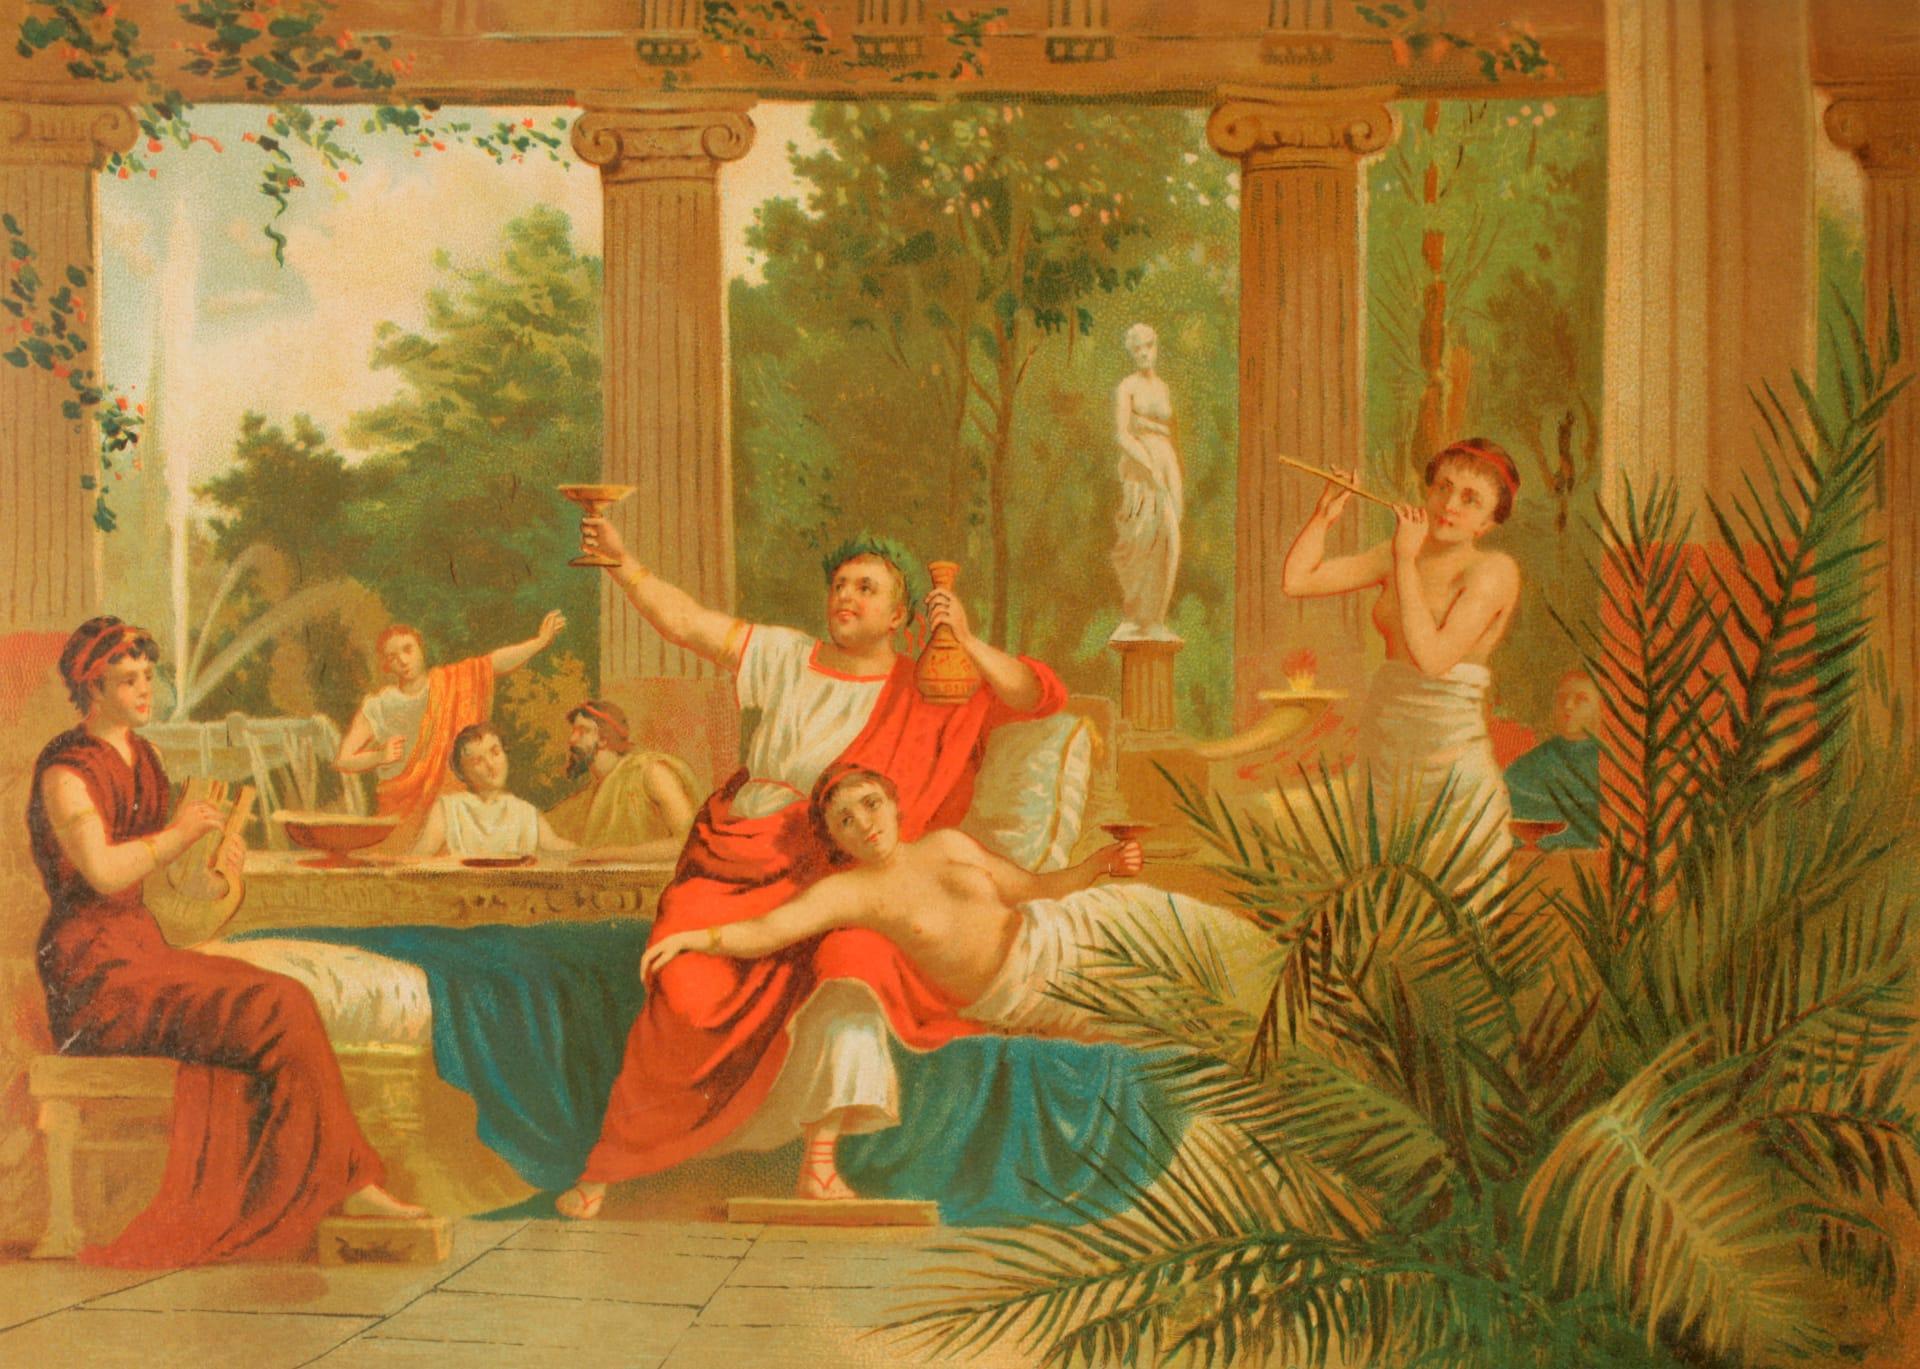 منها التقيء بين الوجبات.. إليكم أغرب عادات الرومان القدماء خلال الولائم